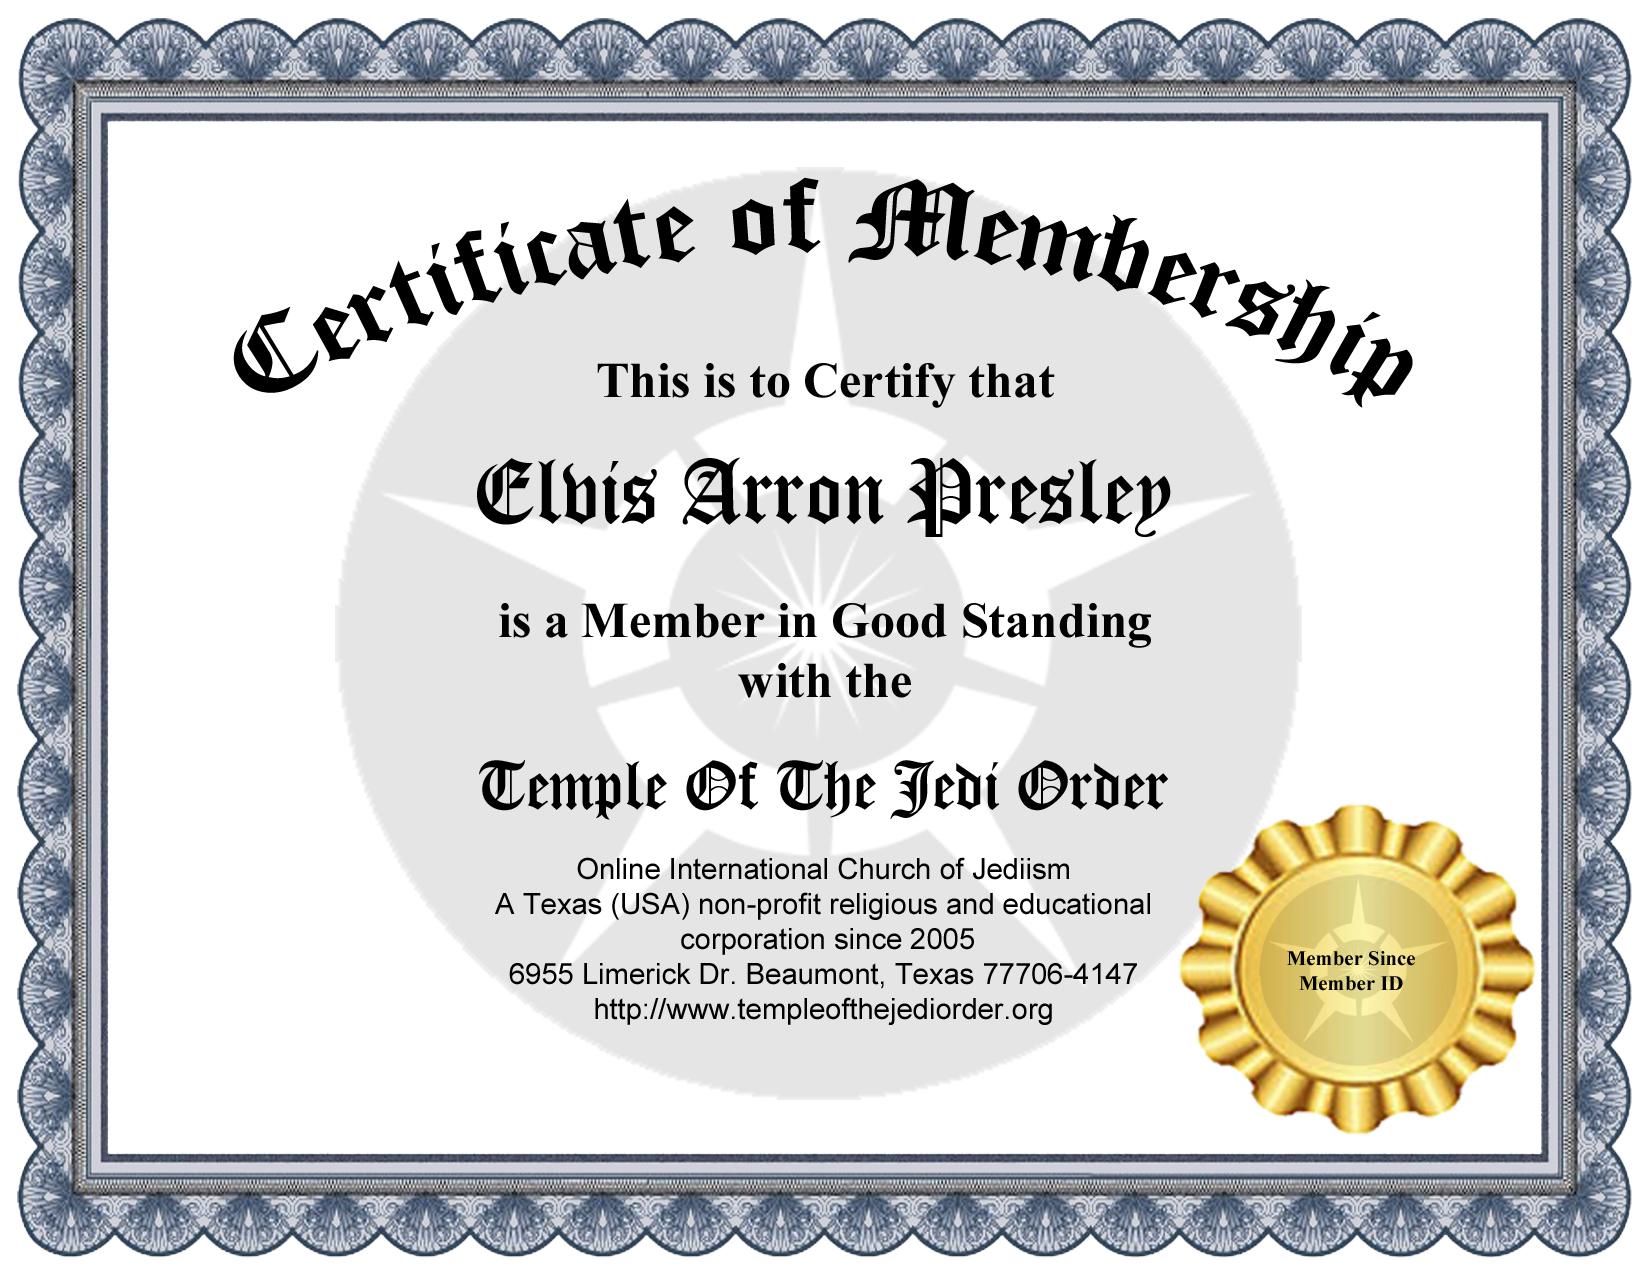 jedi knight certificate template - jedi knight certificate images editable certificate template